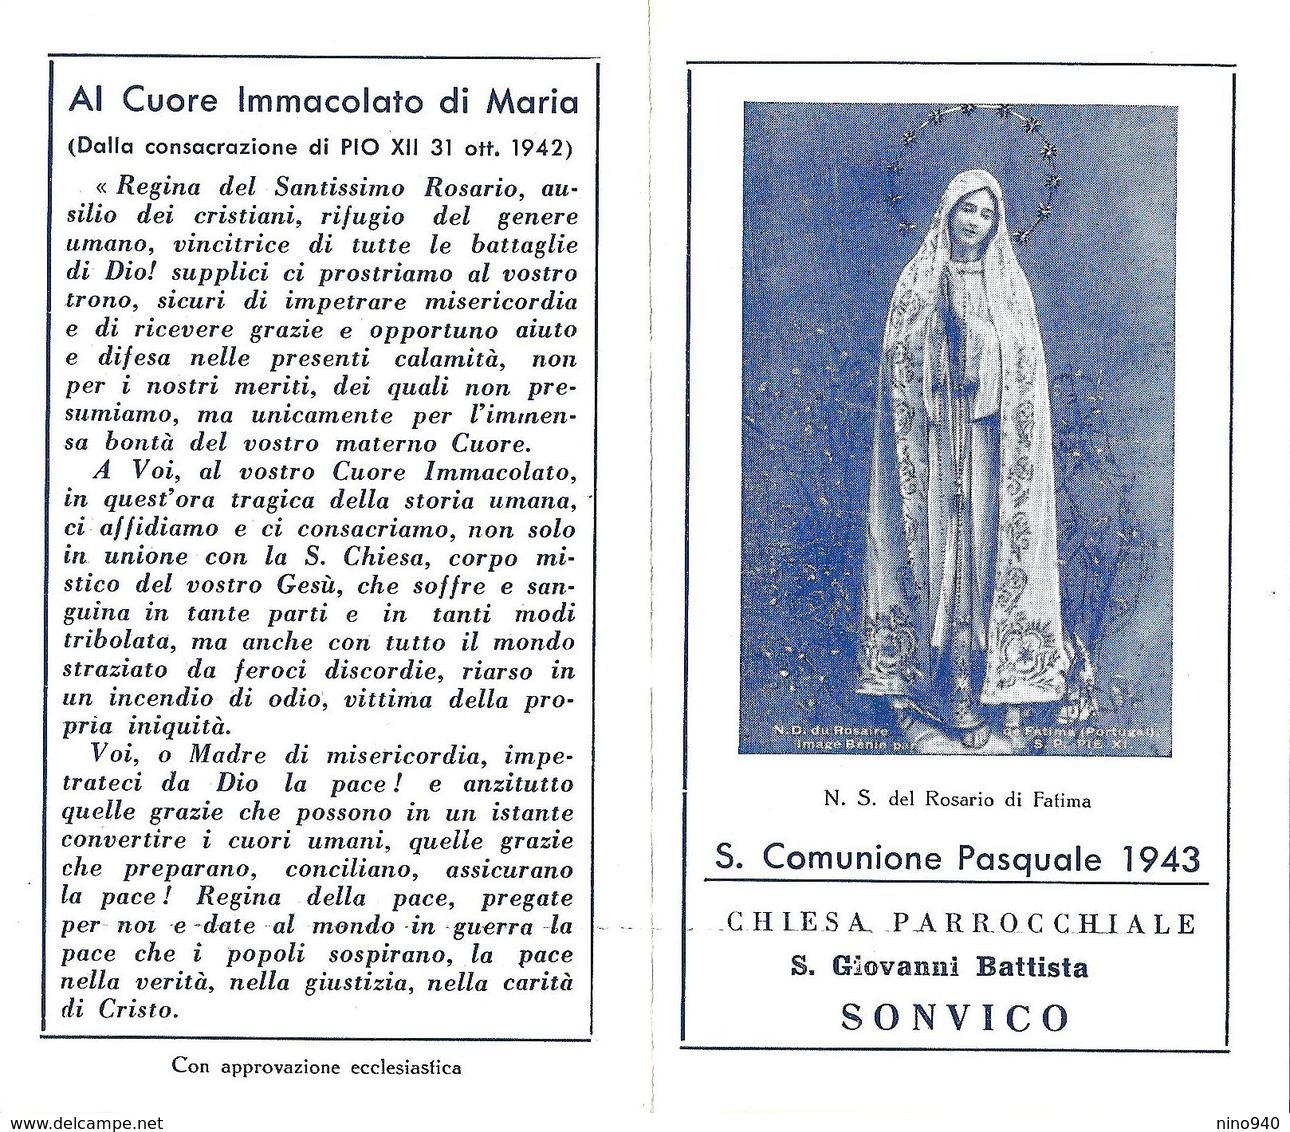 COMUNIONE PASQUALE - SONVICO - Parr. S. Giovanni Battista -  1943 - A - Mm. 70 X 120 - Religione & Esoterismo